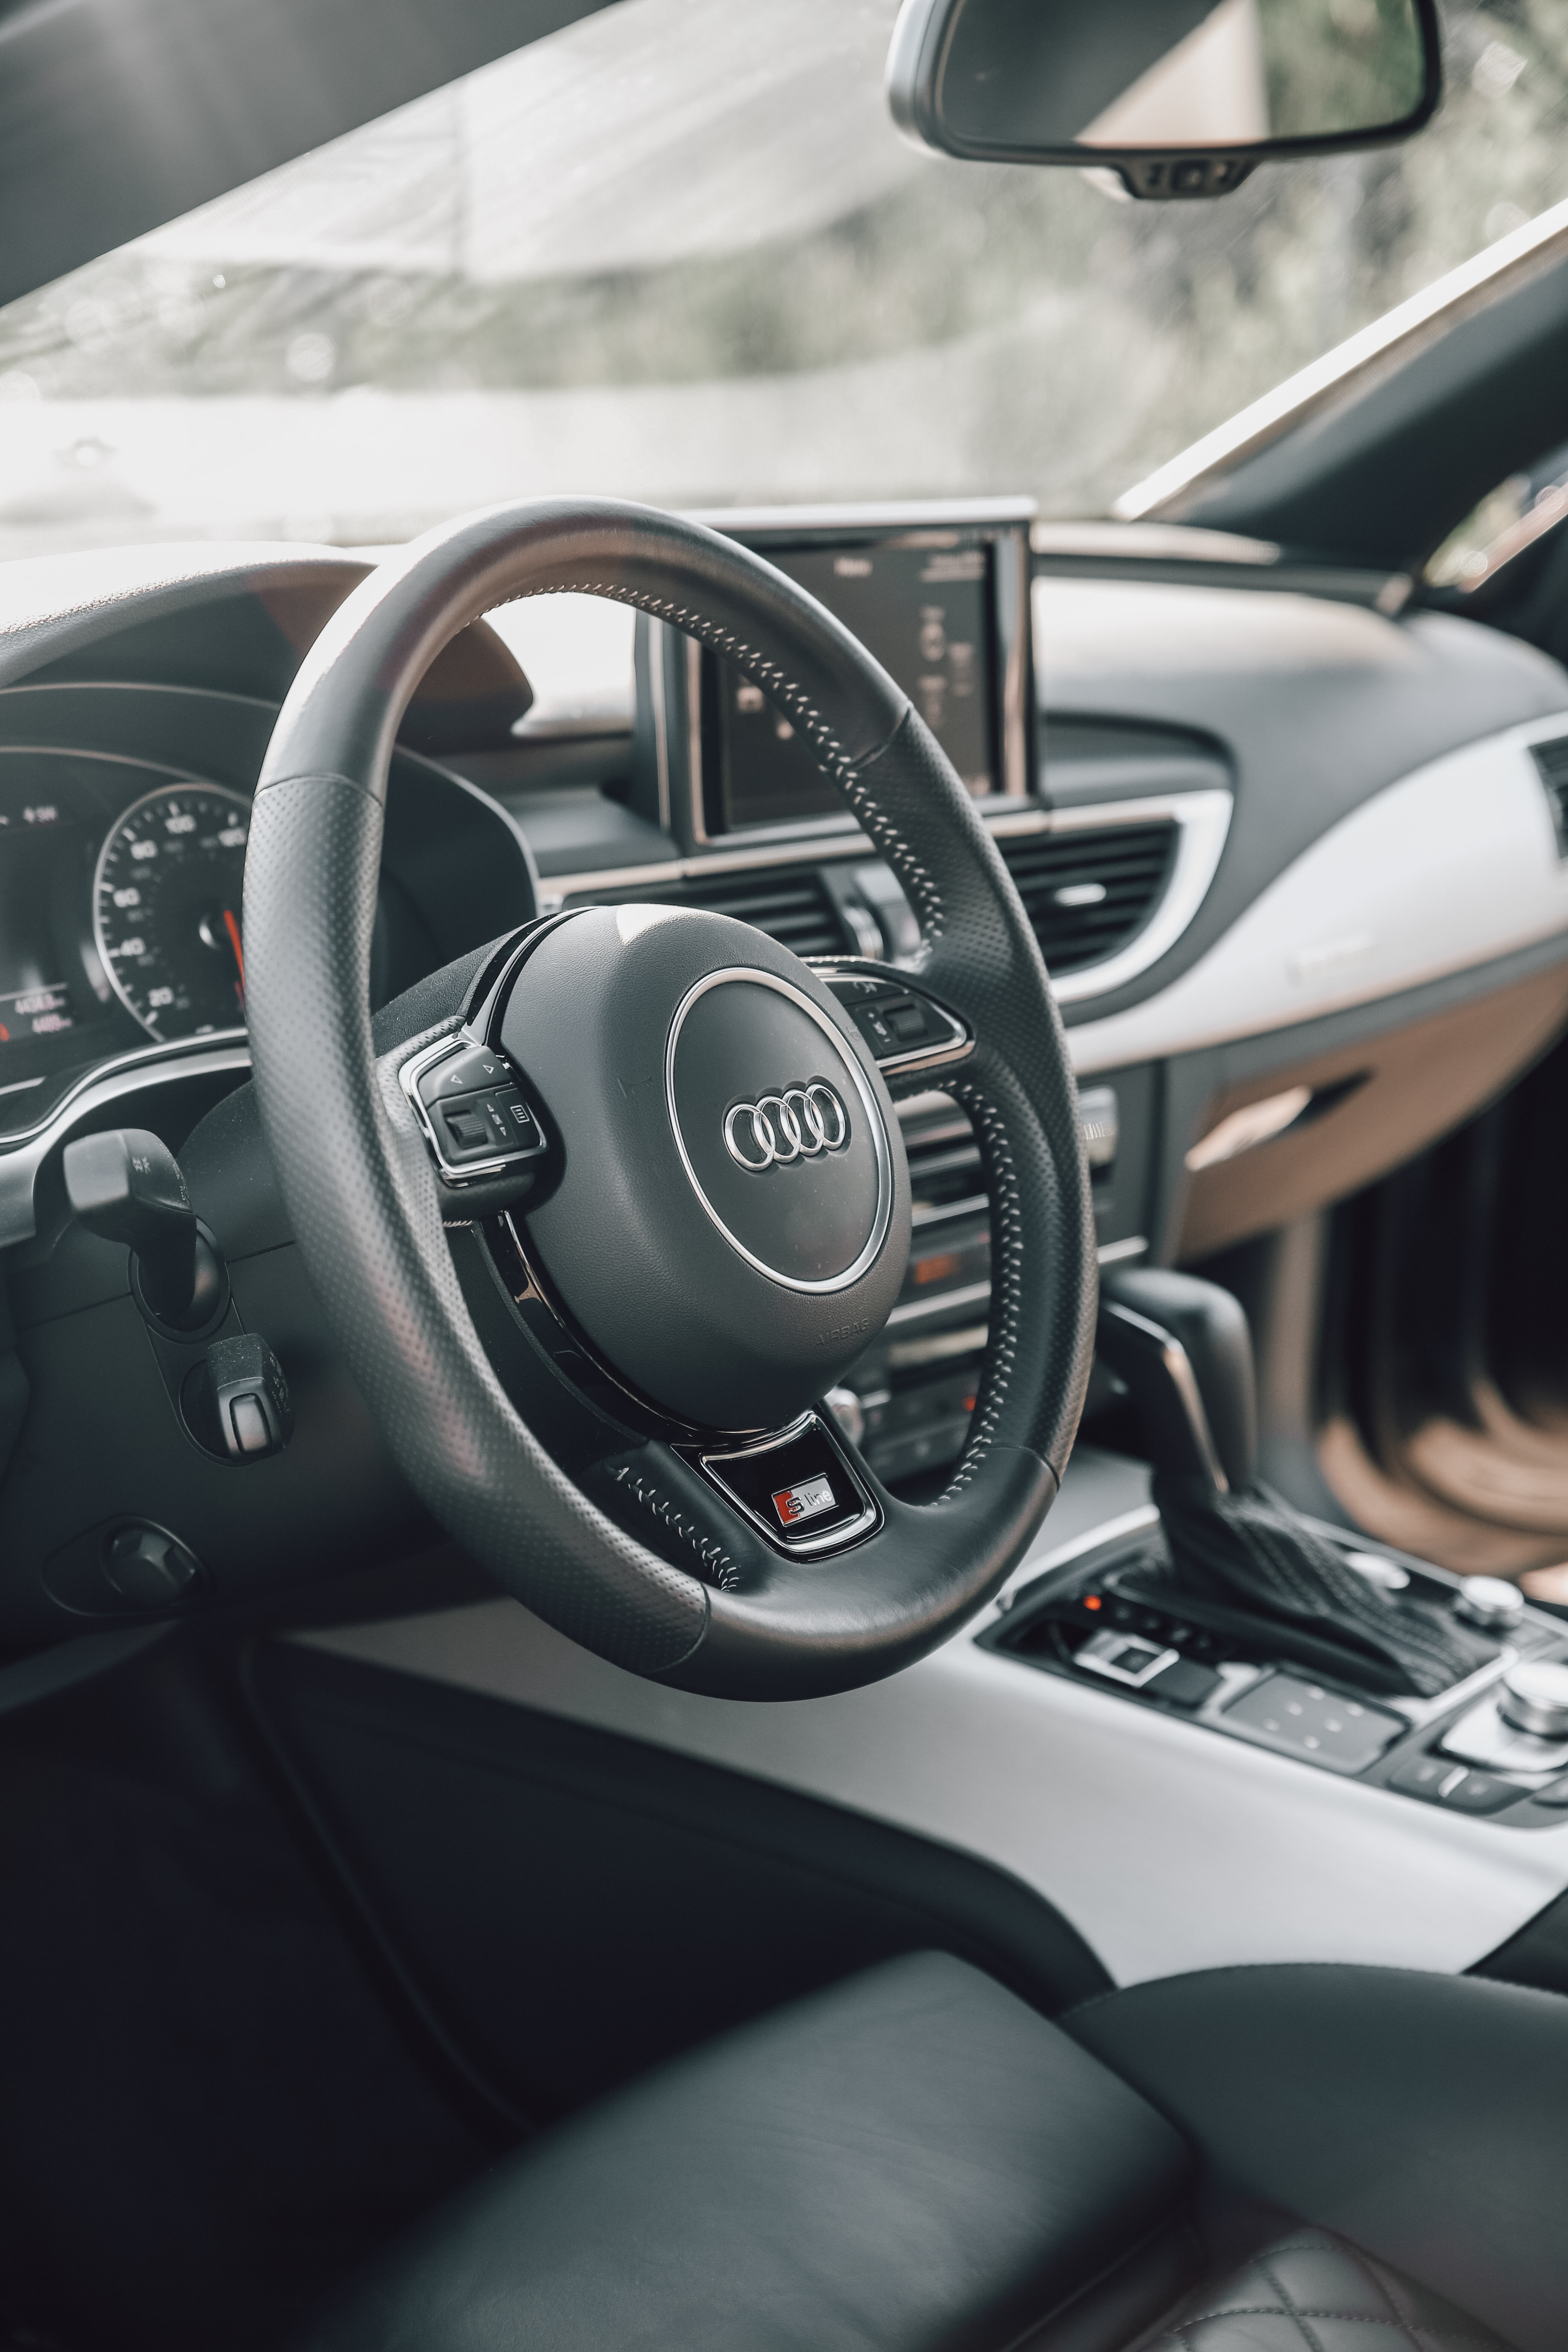 105382 скачать обои Тачки (Cars), Ауди (Audi), Автомобиль, Руль, Салон, Черный - заставки и картинки бесплатно